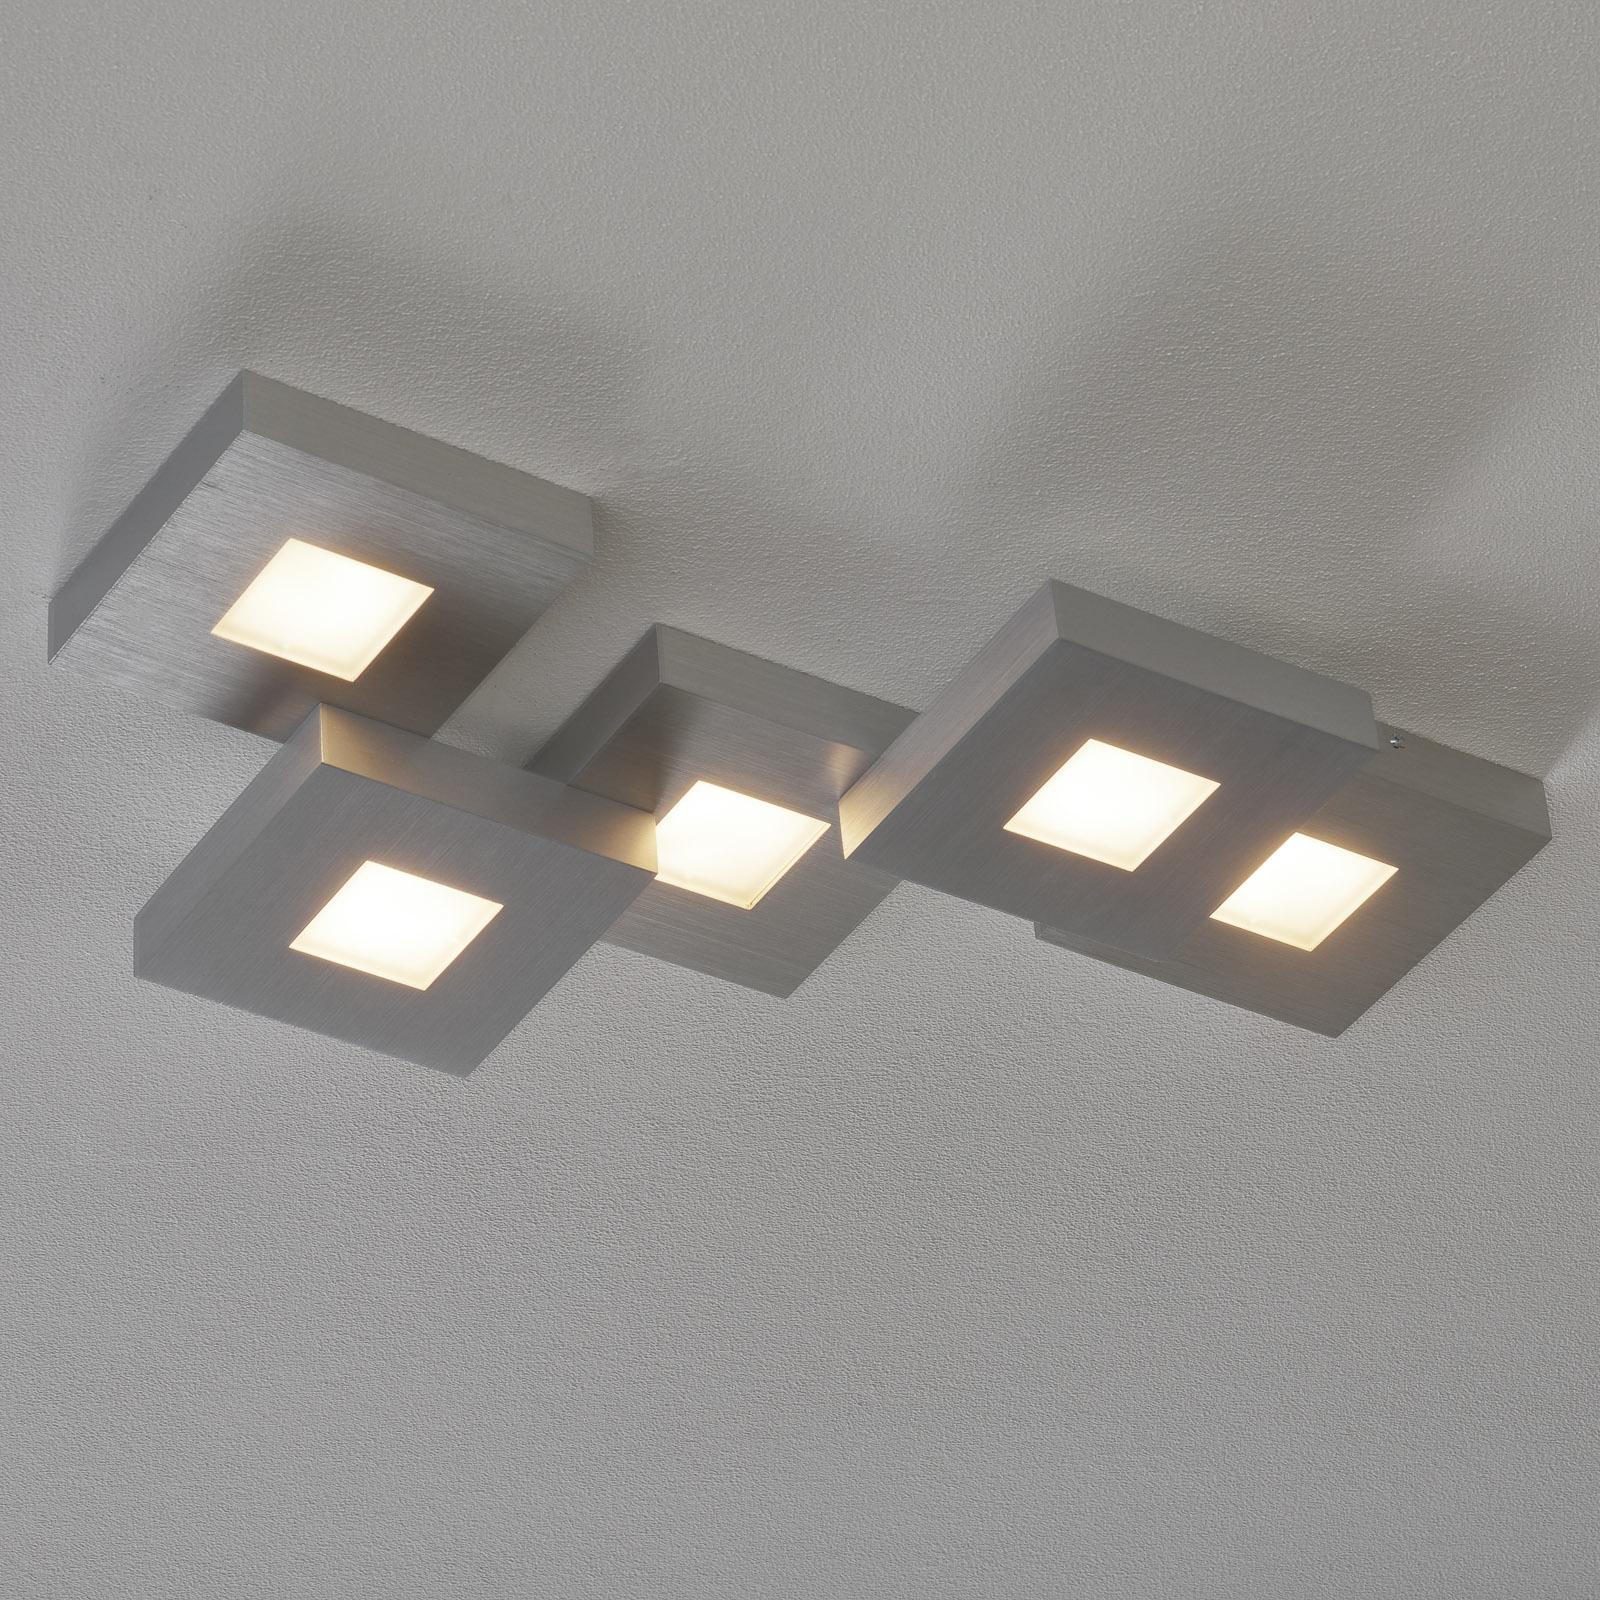 Ekstravagant LED-loftslampe Cubus